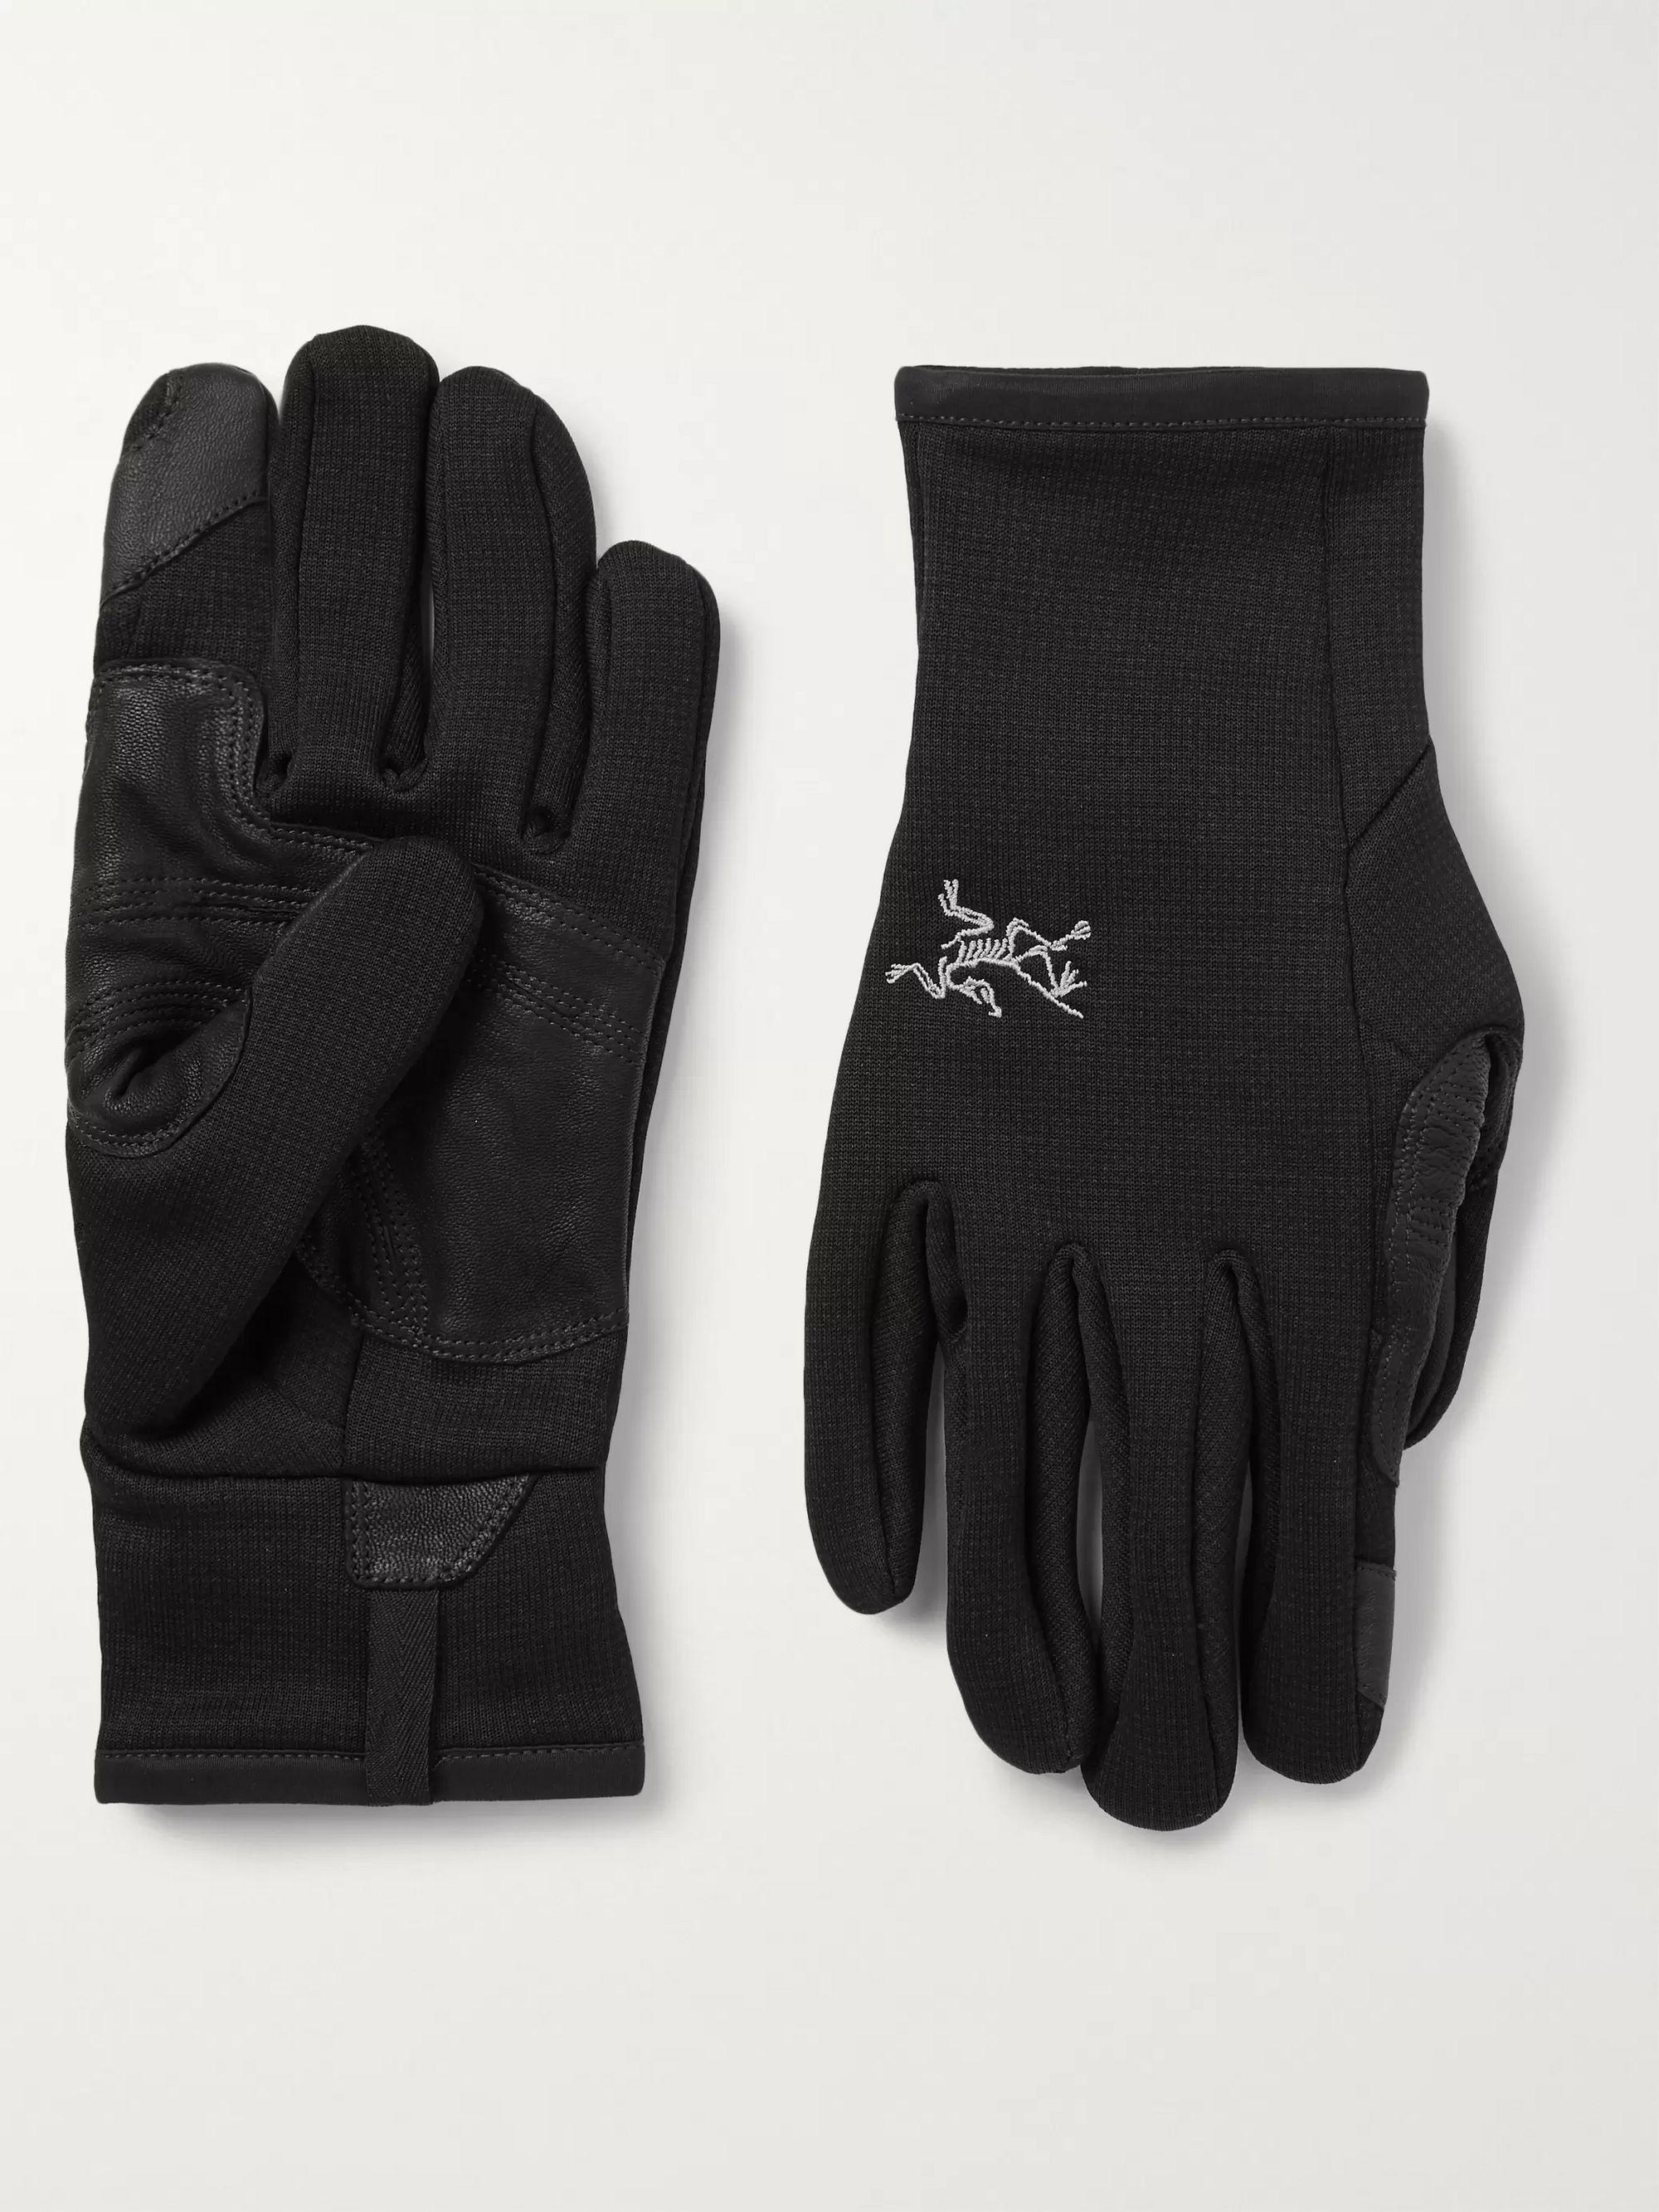 아크테릭스 터치스크린 폴라텍 장갑 ArcTeryx Rivet Touchscreen Polartec Power Stretch Fleece Gloves,Black